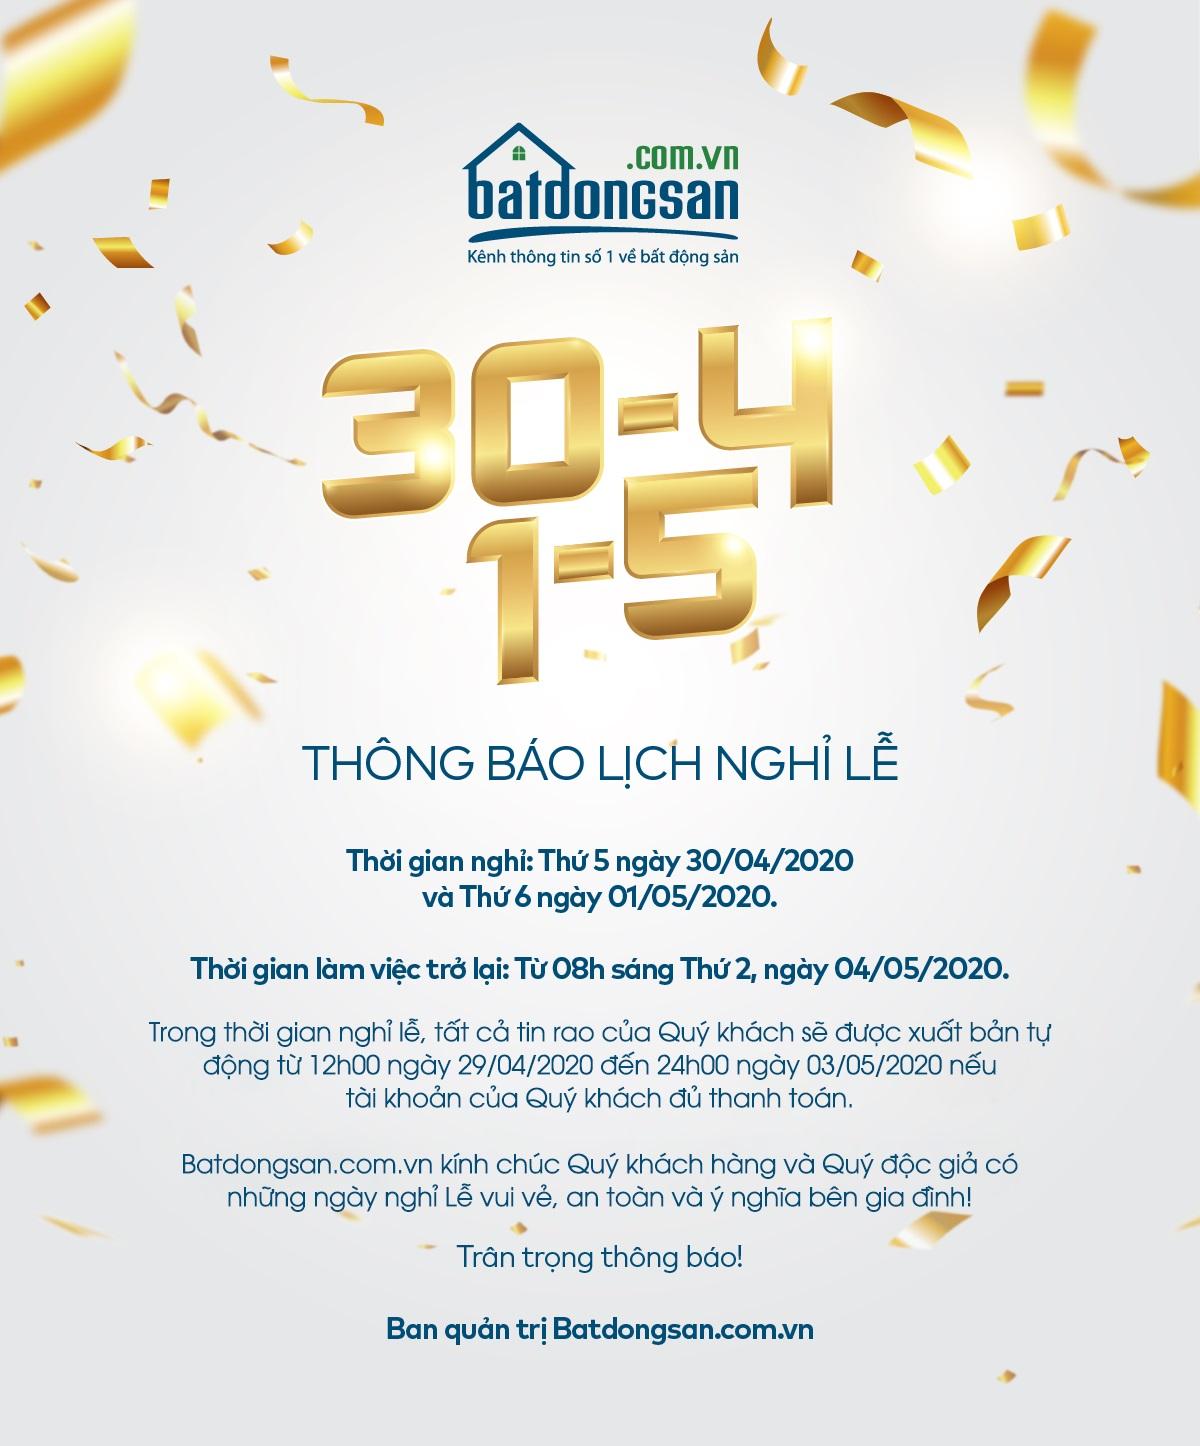 Thông báo lịch nghỉ lễ 30/4 và 1/5 của Batdongsan.com.vn